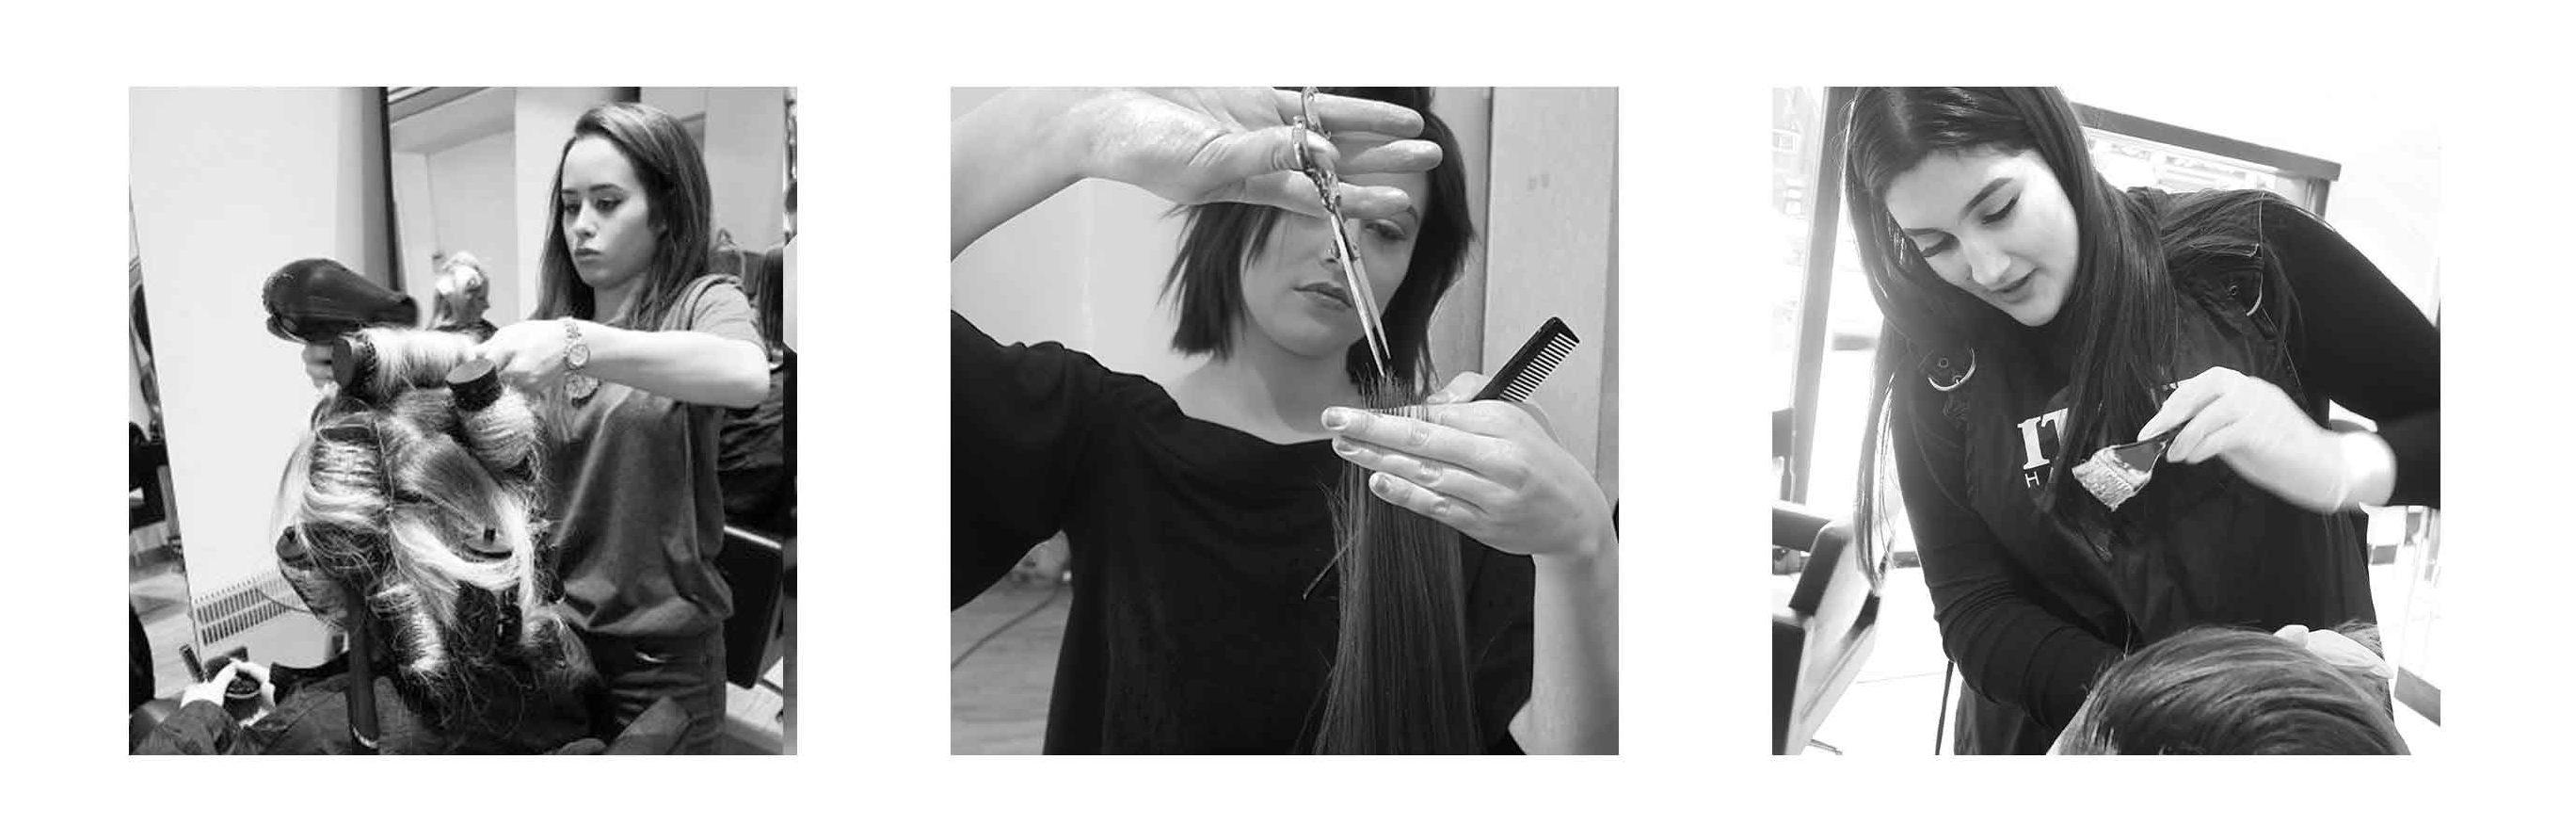 hairdressing apprenticeships ruislip